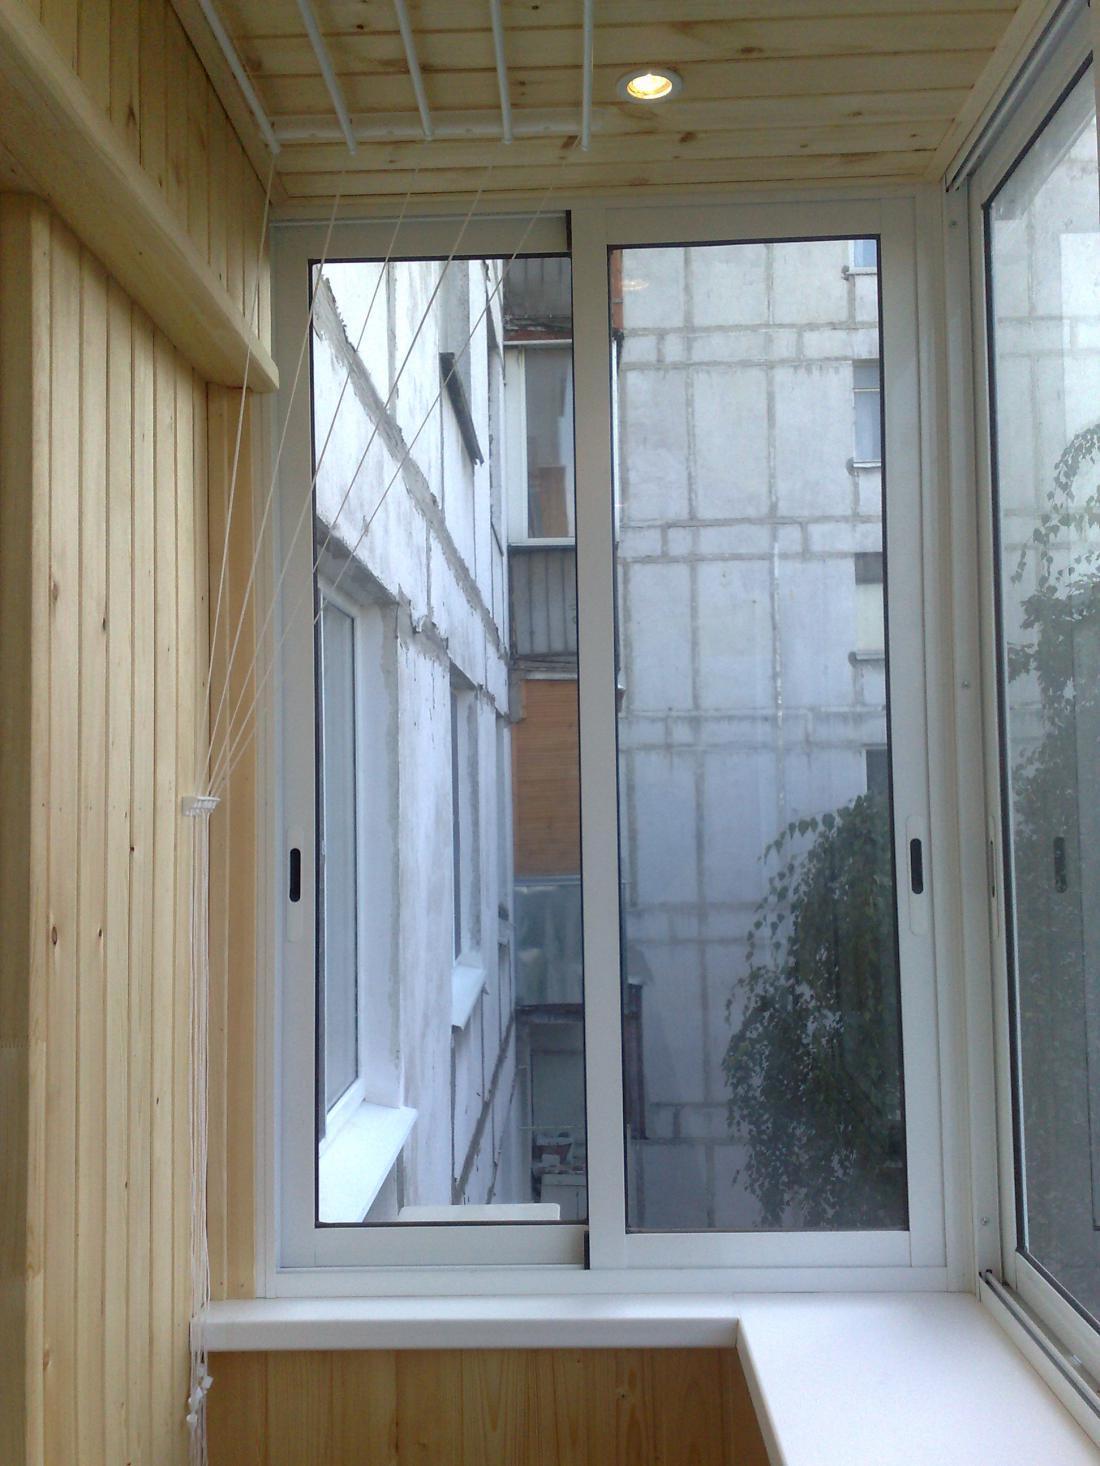 Раменское: остекление лоджий,балконов, утепление,отделка цен.